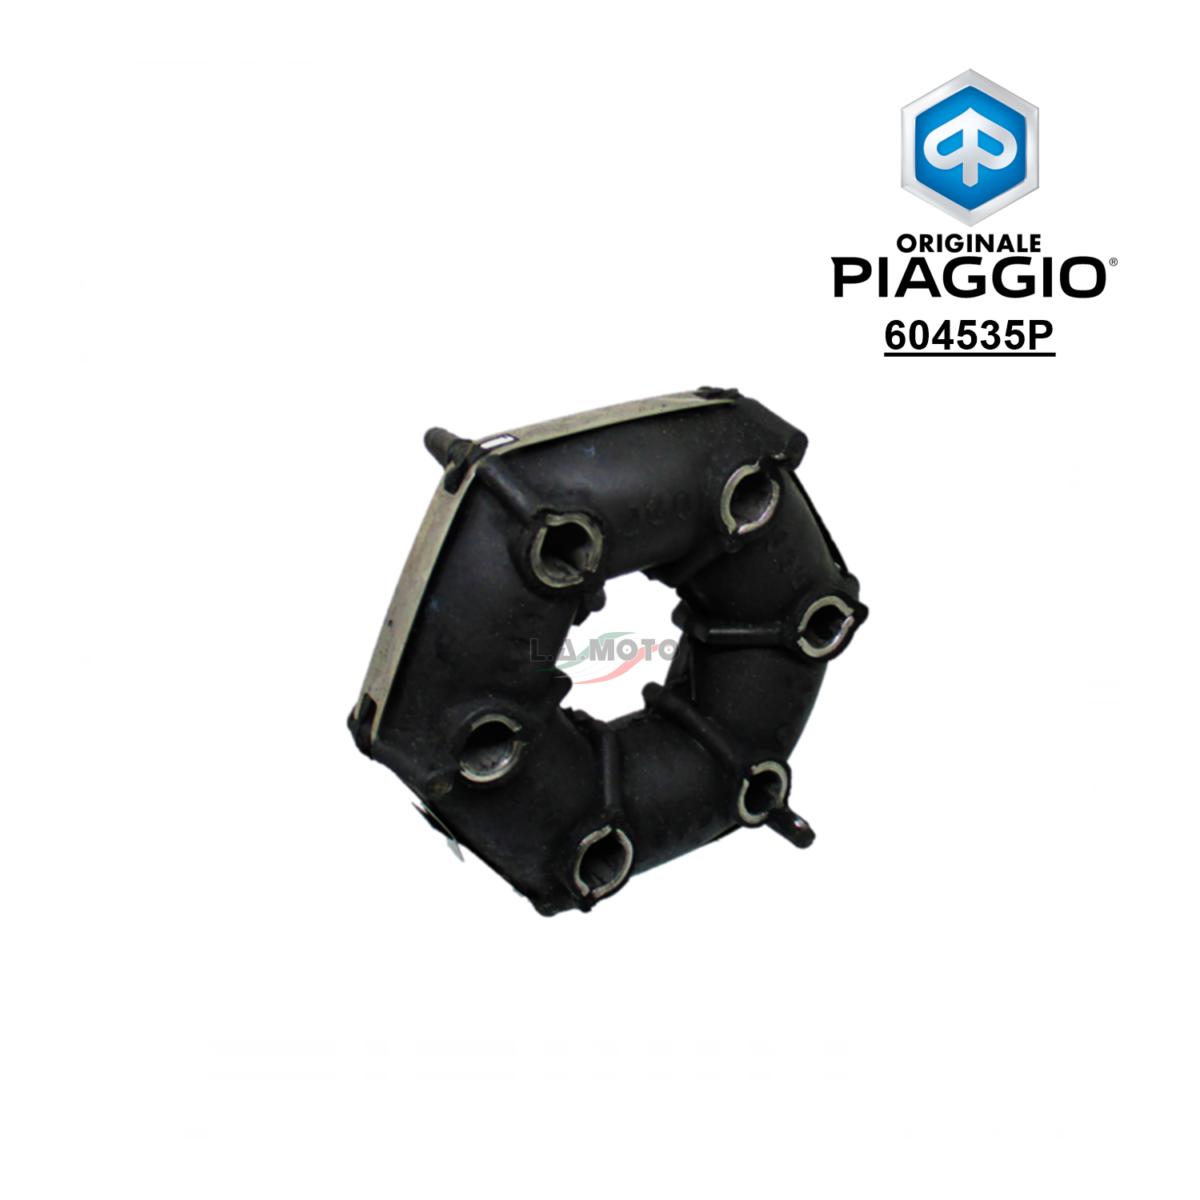 604535P-Giunto elastico trasmissione ORIGINALE Piaggio Ape MP-CALESSINO